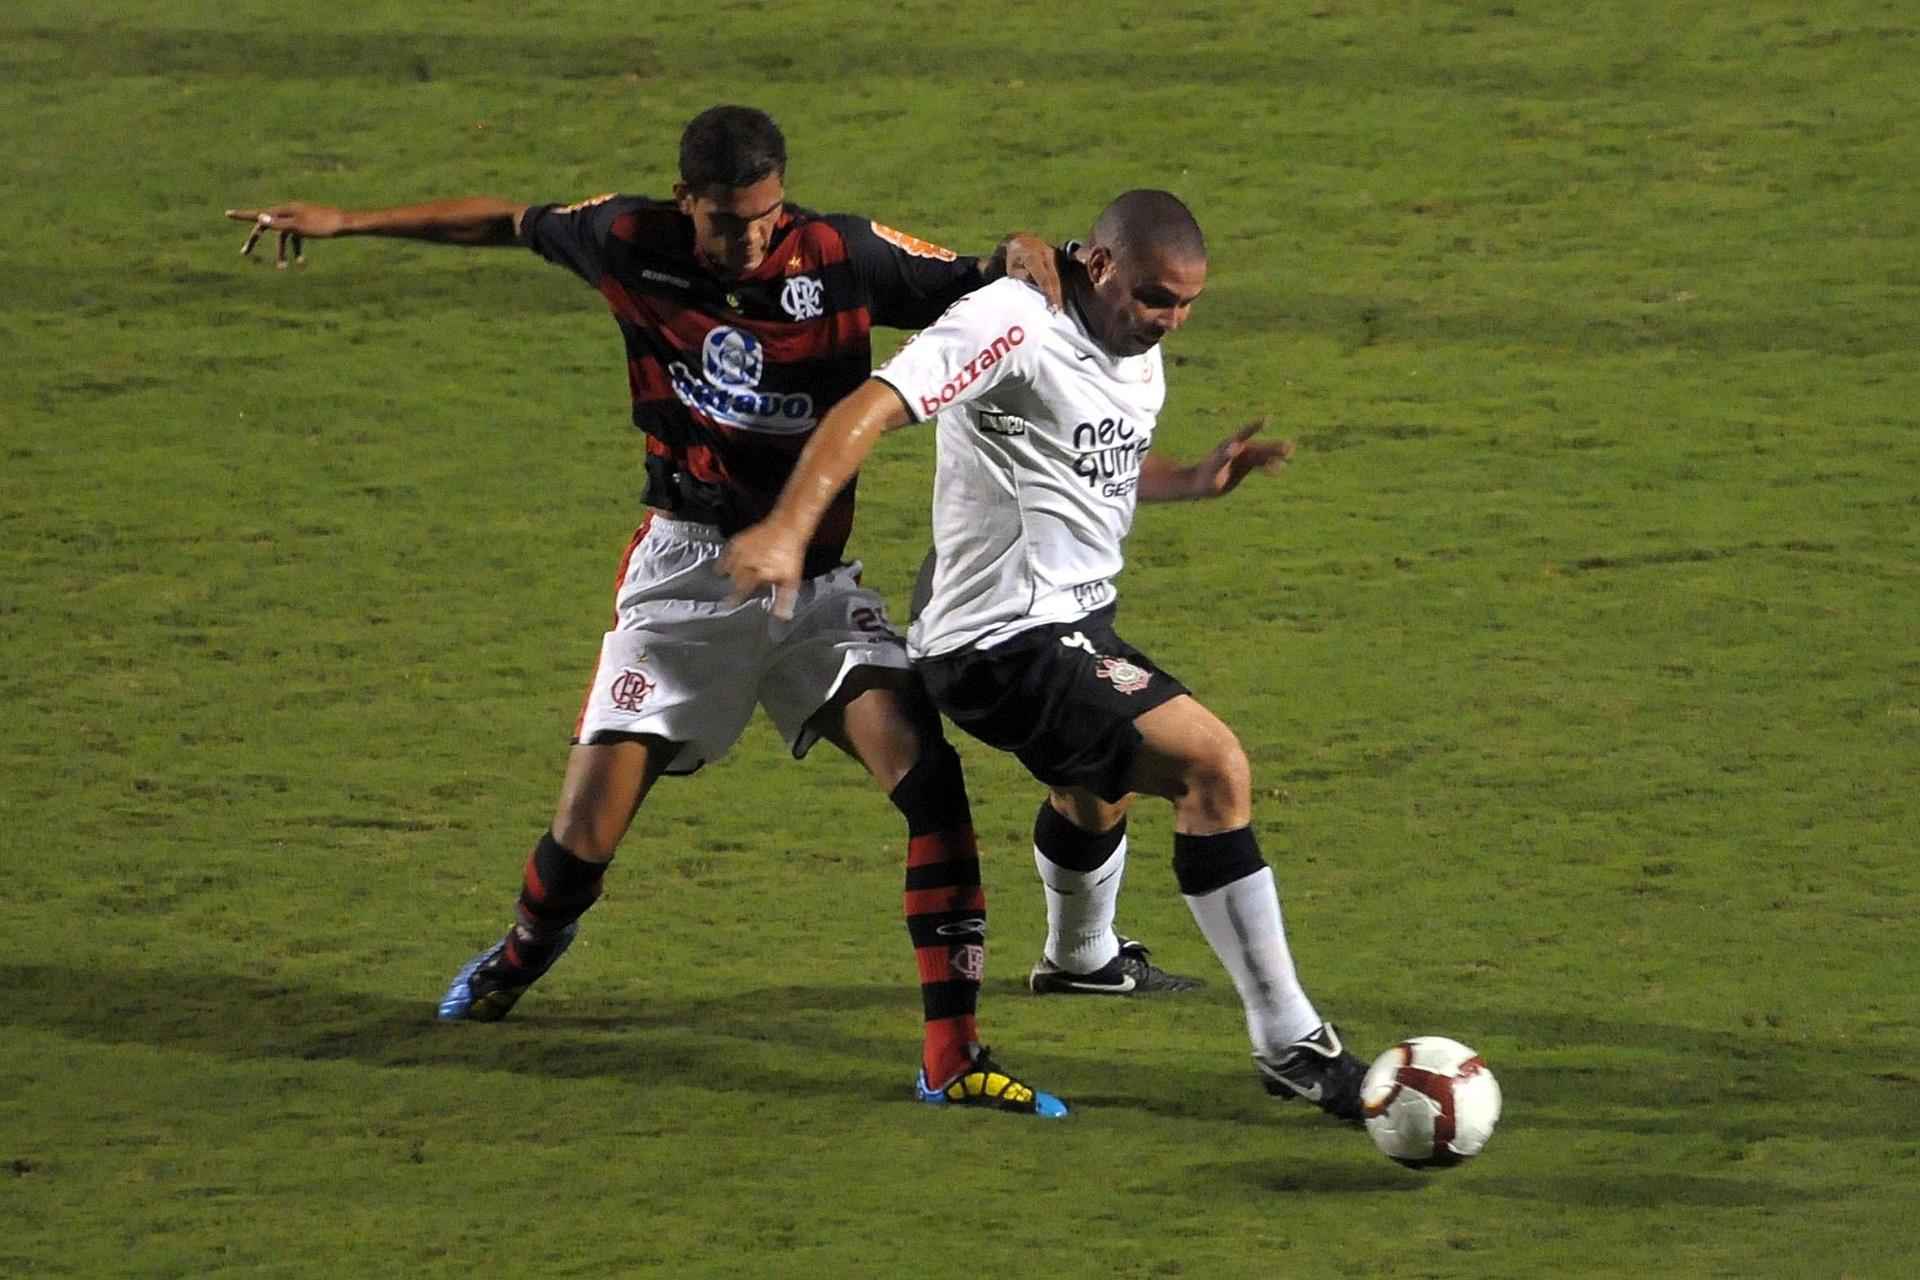 1897e9d4af2fd Ronaldo protege a bola no jogo que marcou a eliminação do Corinthians  contra o Flamengo